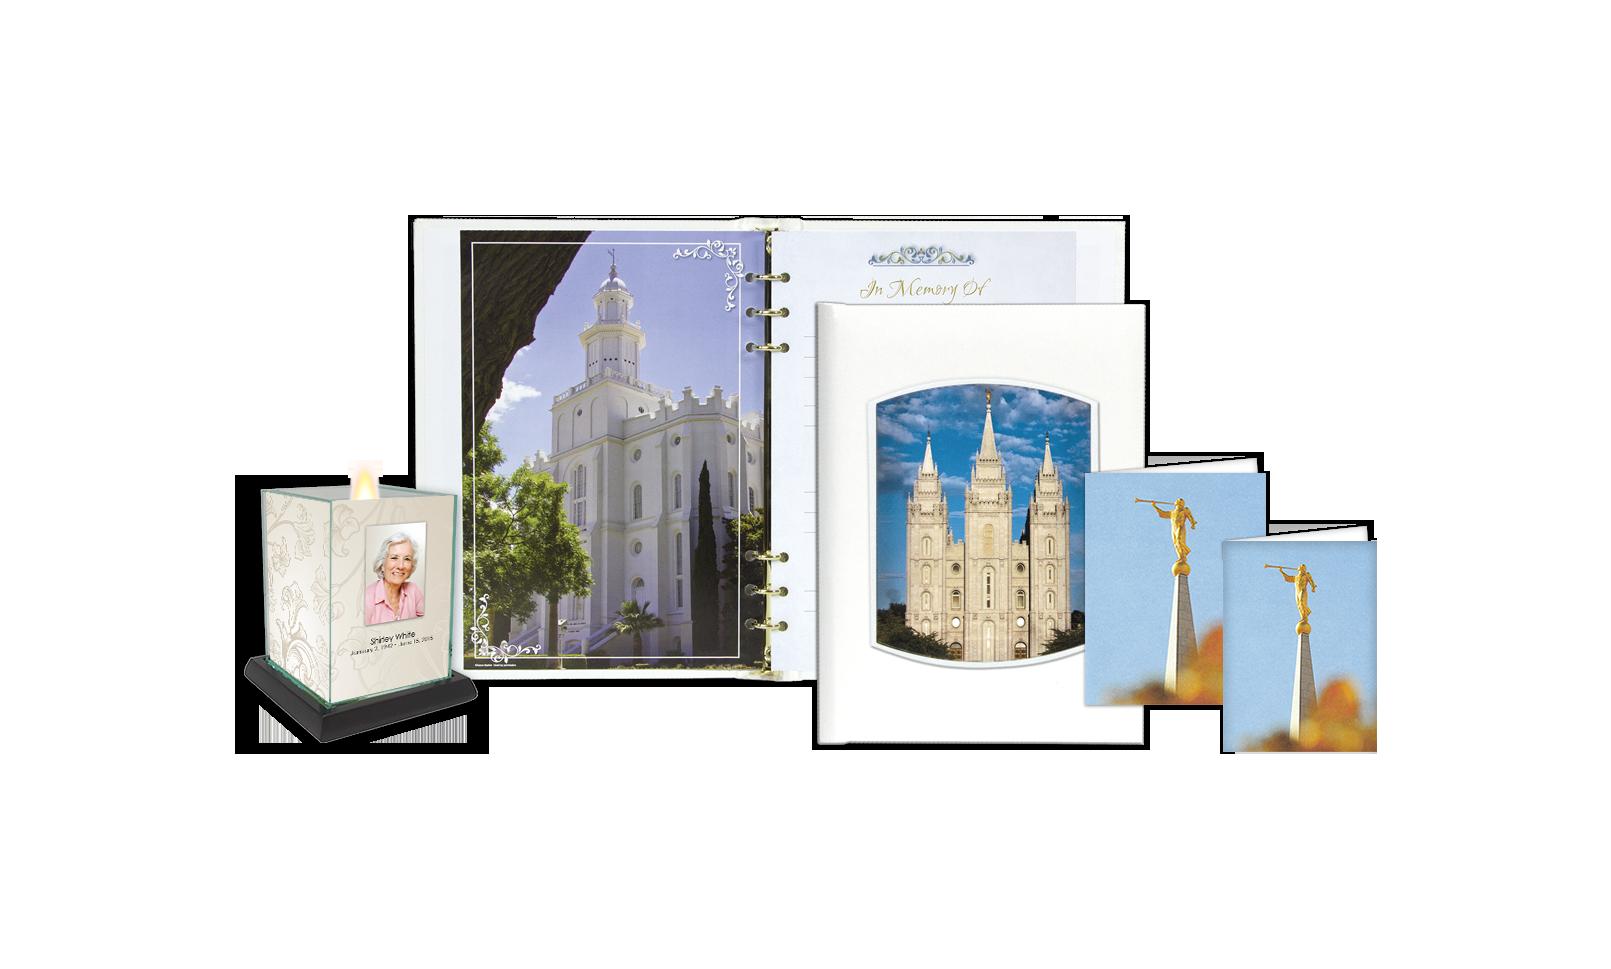 ROL Latter Day Saints Salt Lake City Temple Series 306 LDS